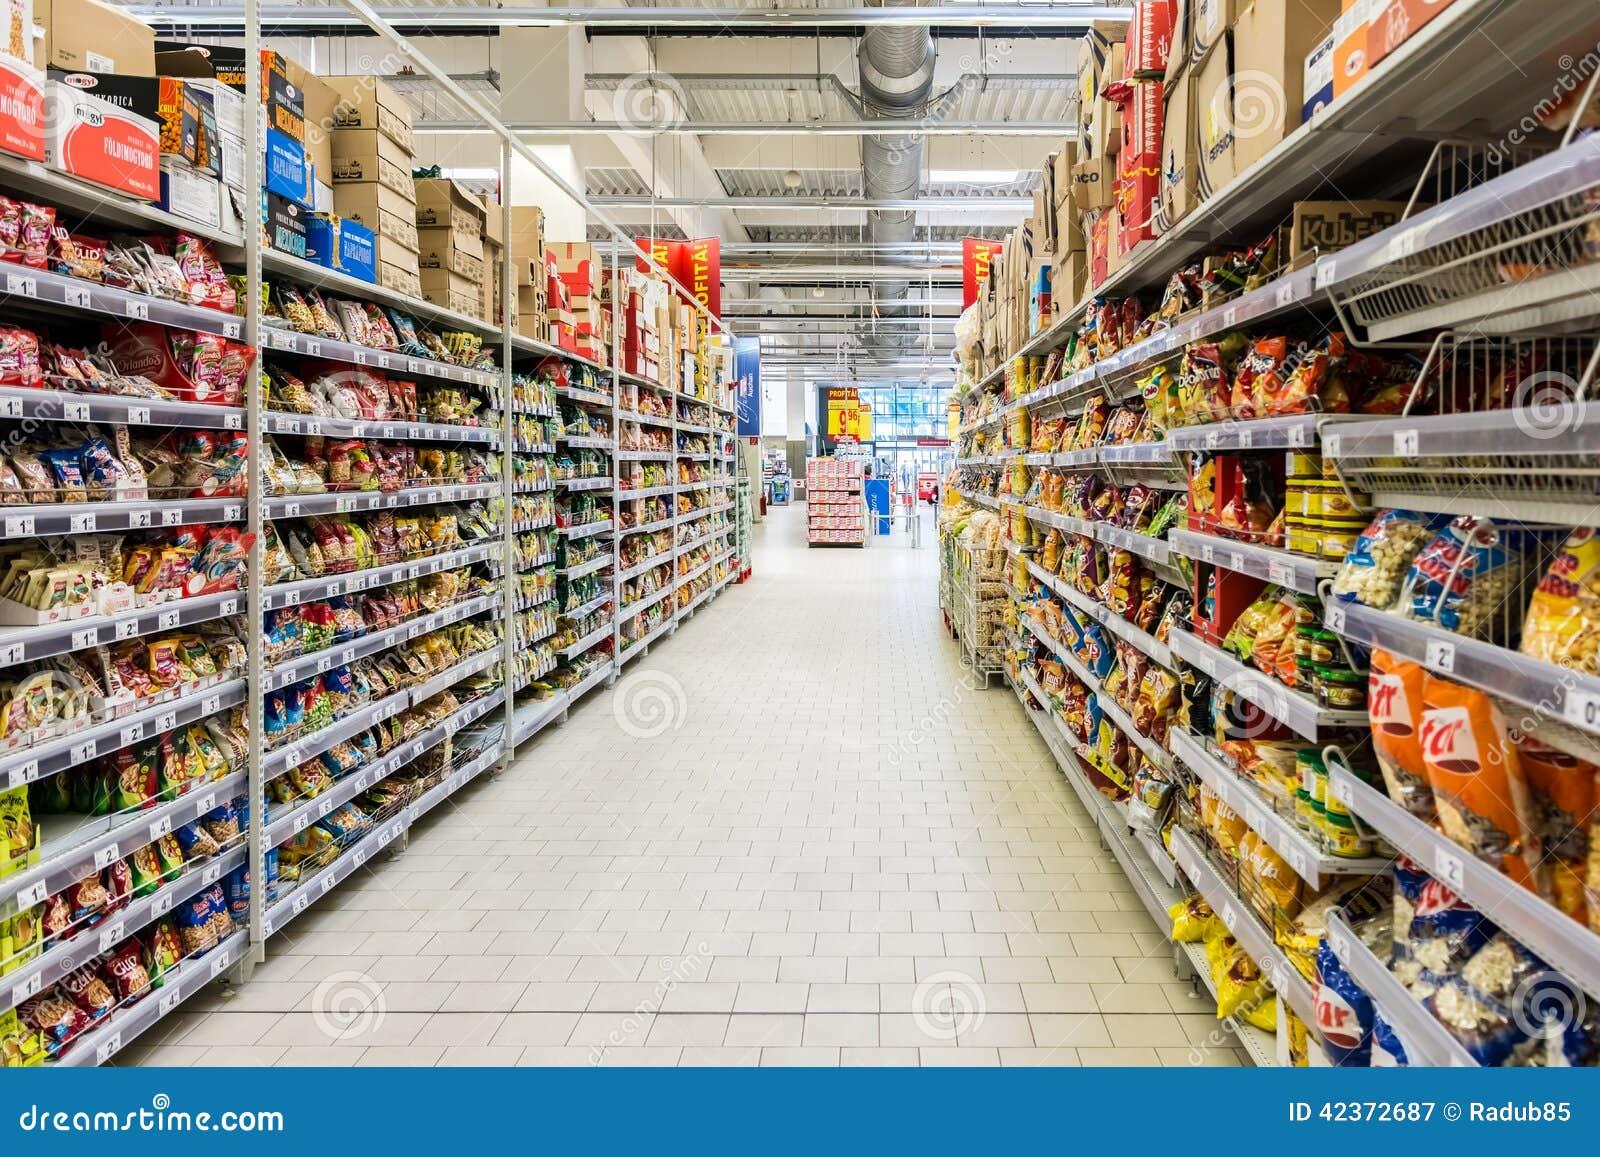 7 Pilihan Jajanan Minimarket yang Baik untuk Kesehatan